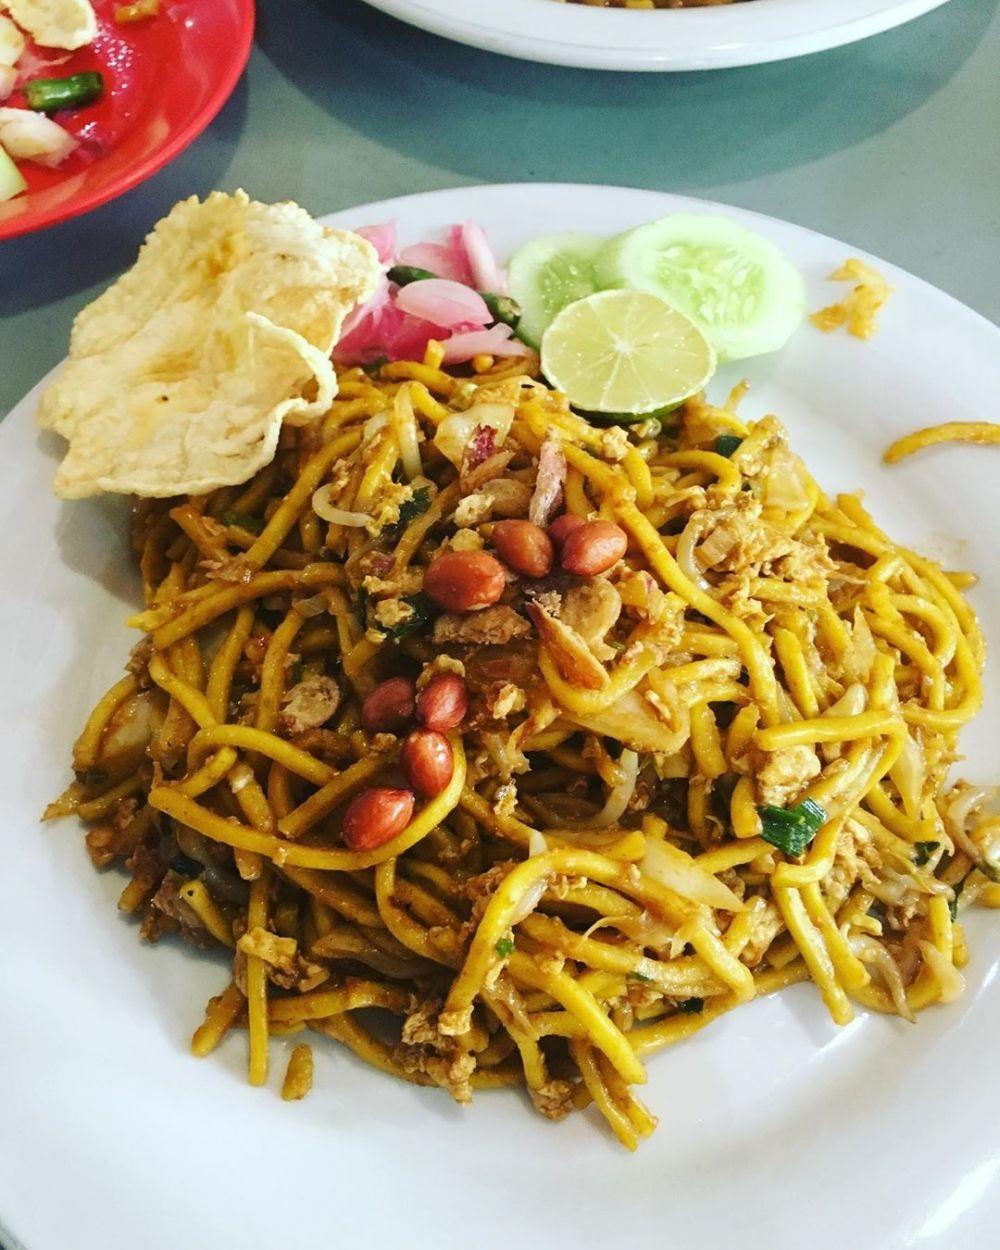 10 Rekomendasi Rumah Makan Mie Aceh di Jakarta, Enak dan Murah